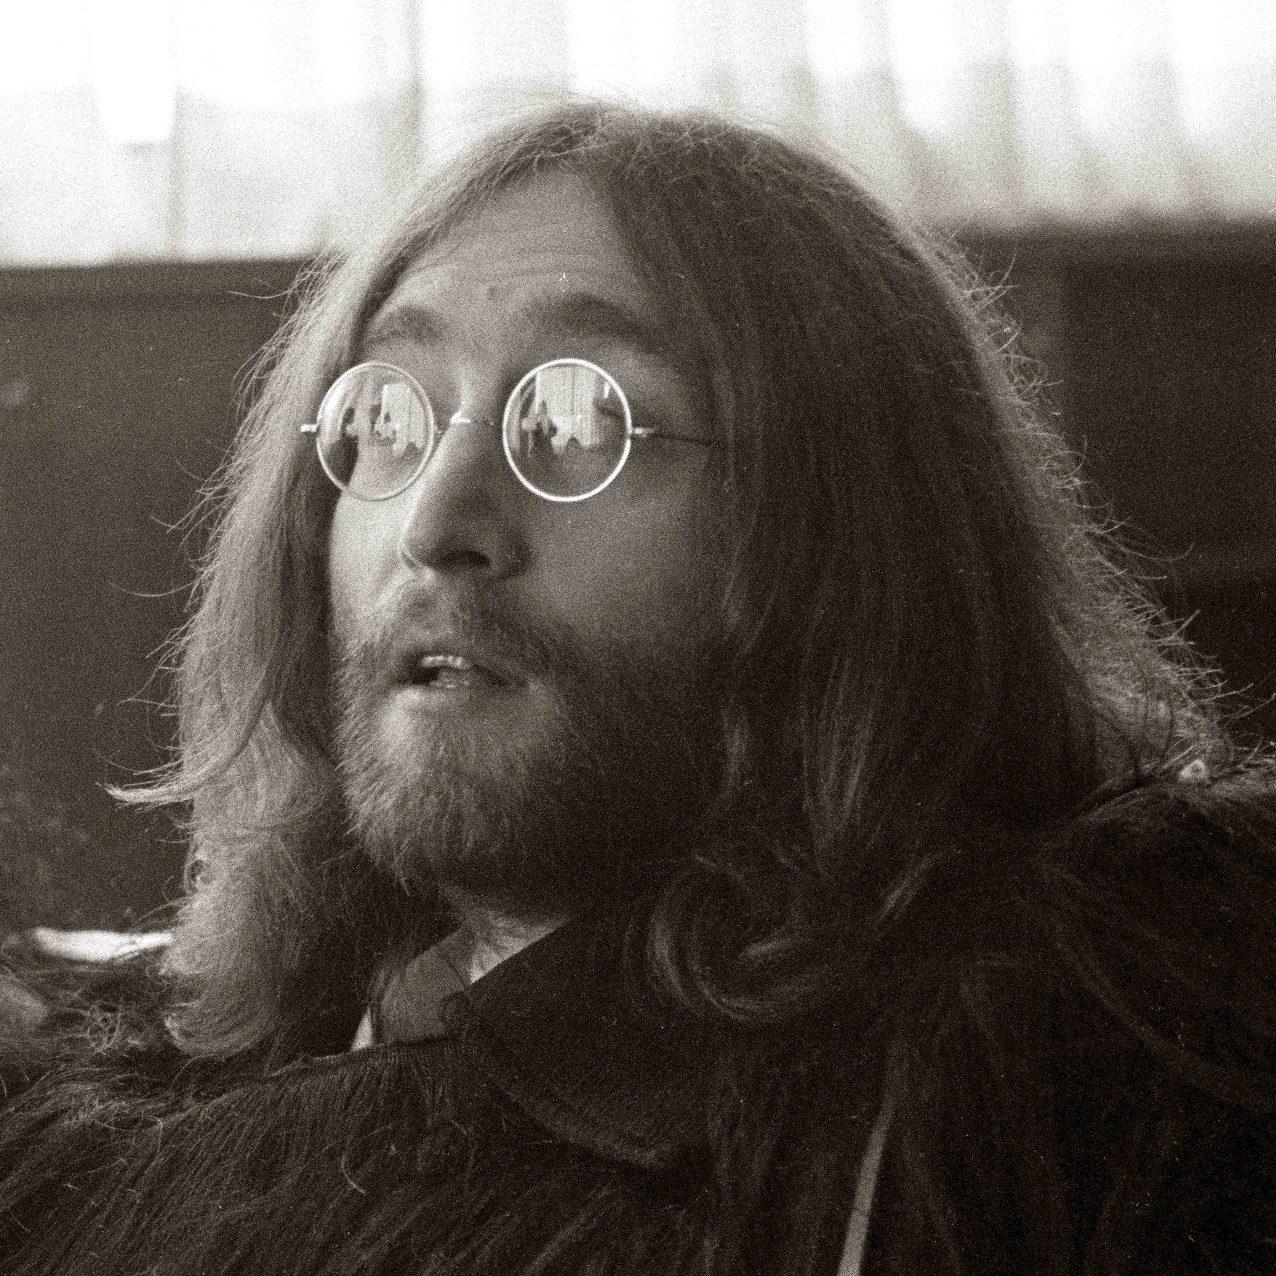 PORTRAIT LENNON 1971